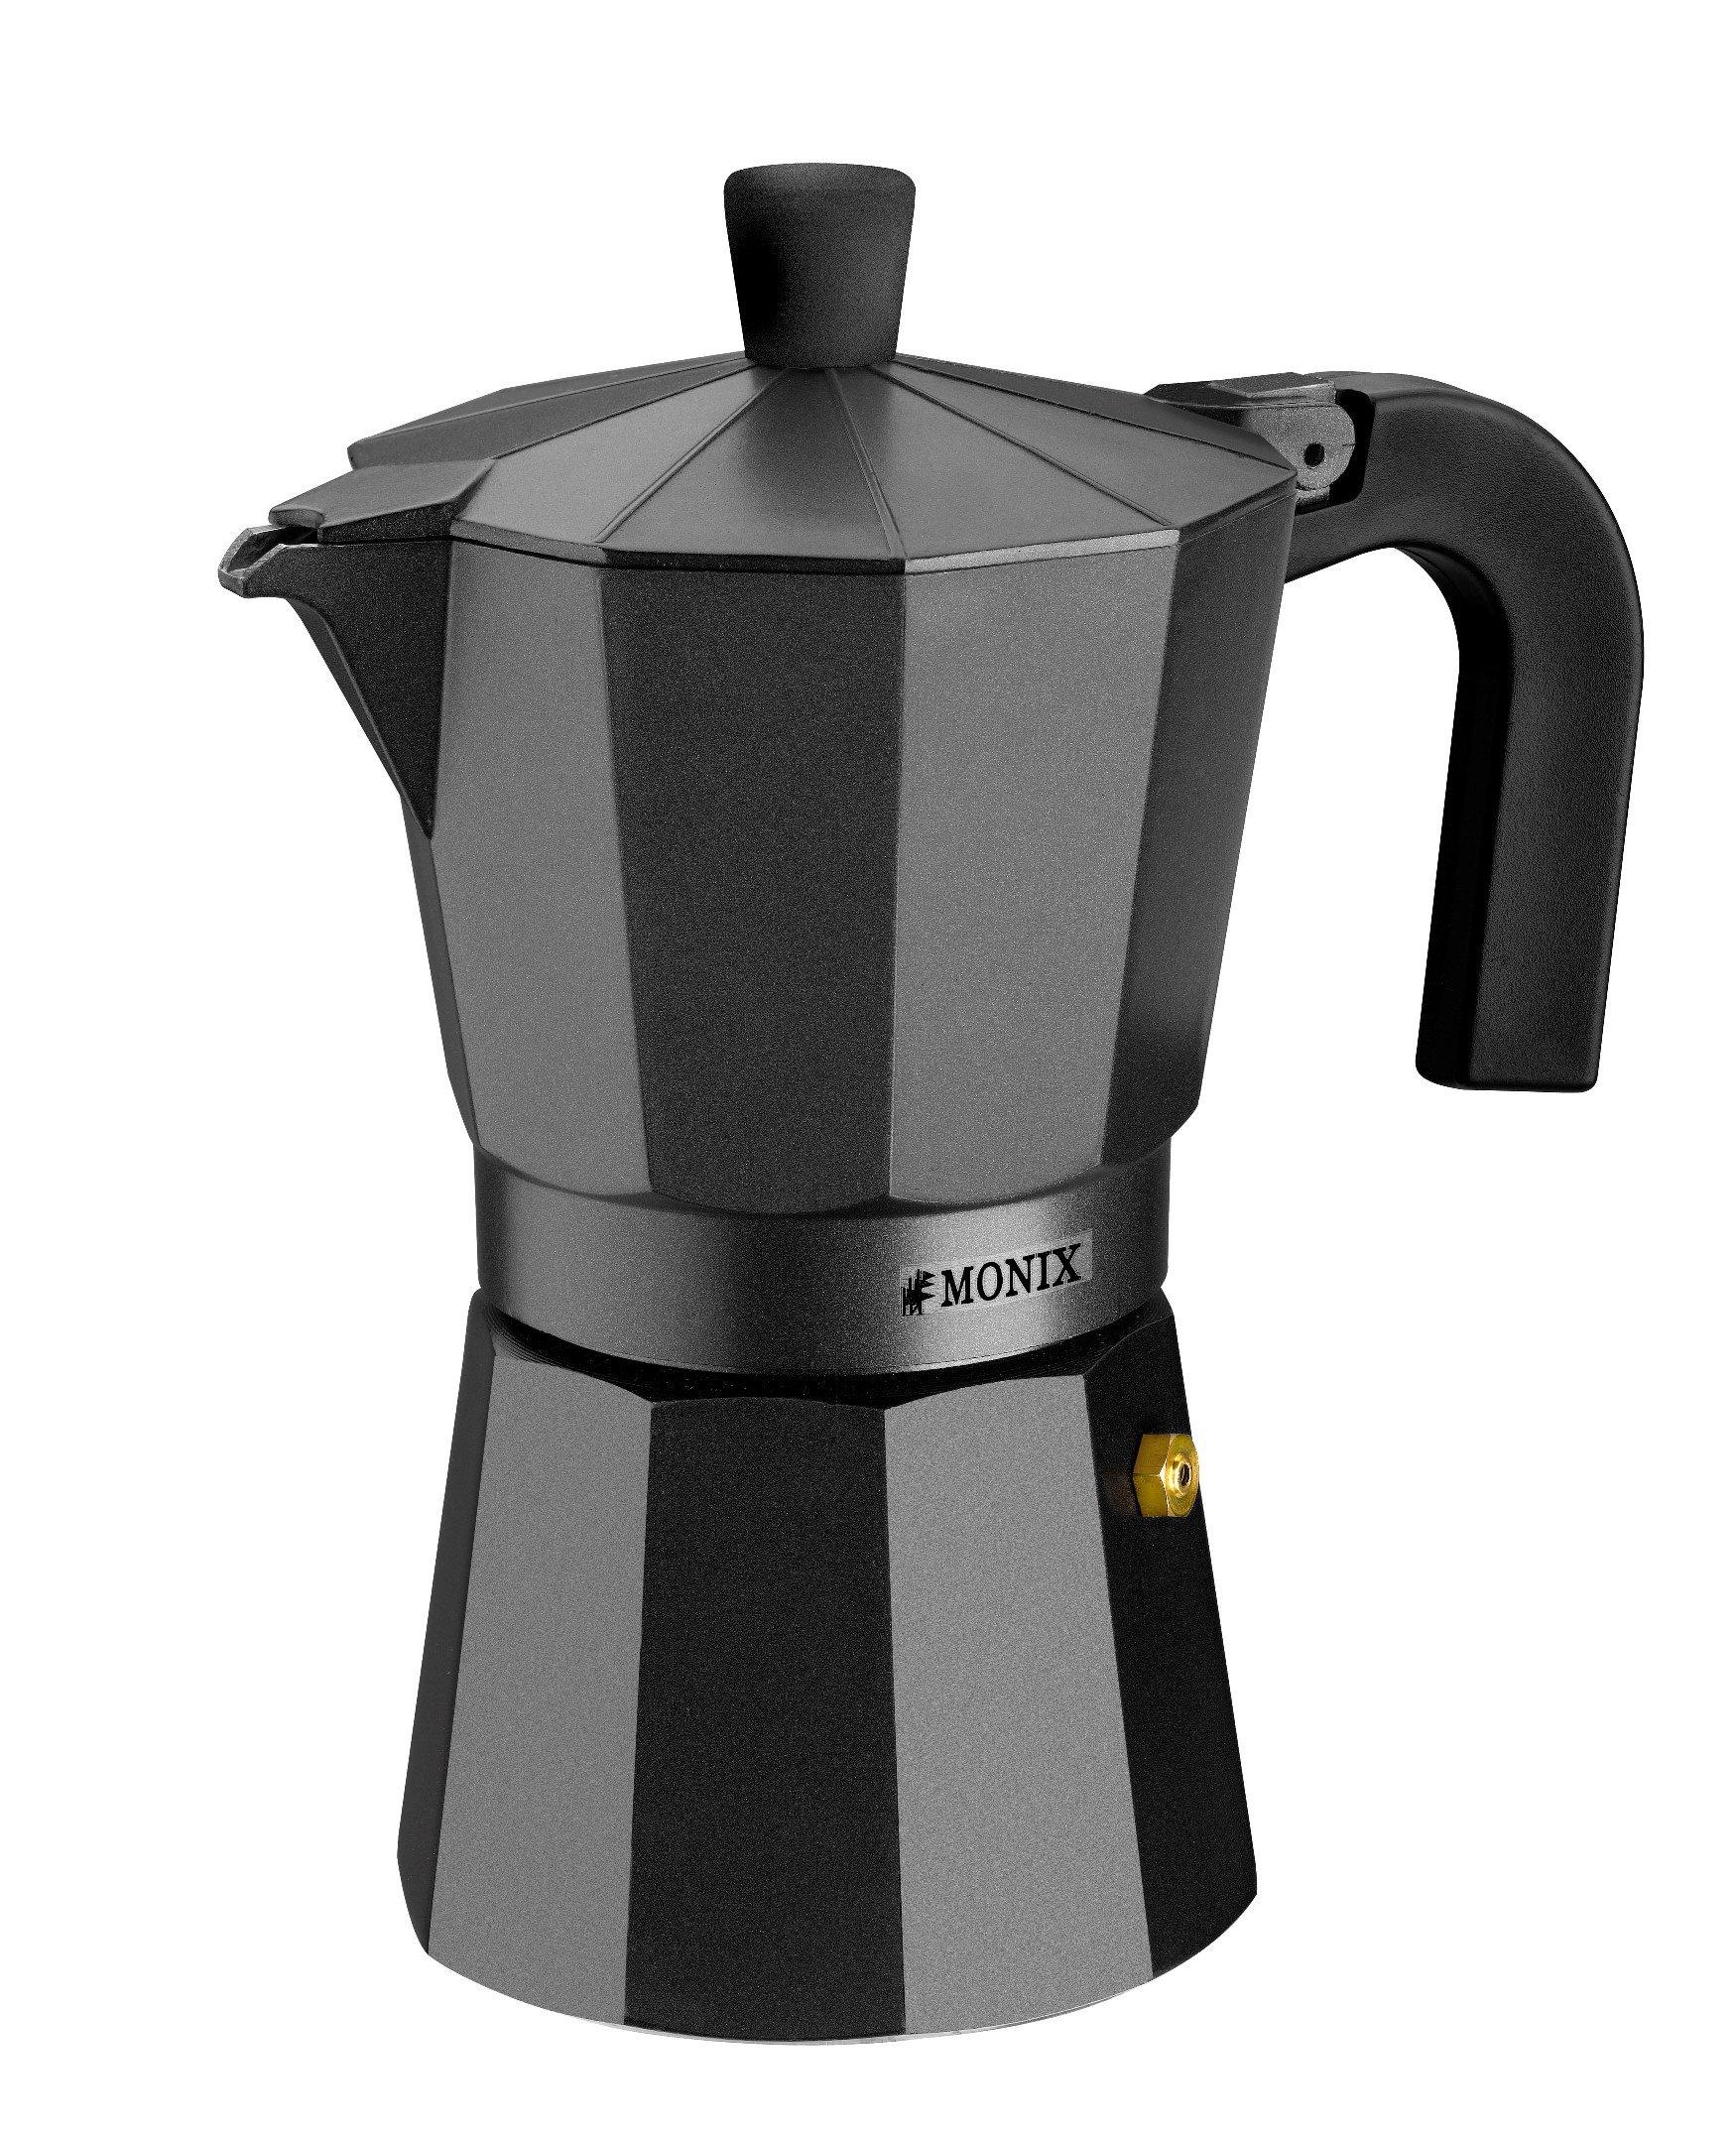 Monix Vitro Noir Espressokocher aus Aluminium 1 Taza